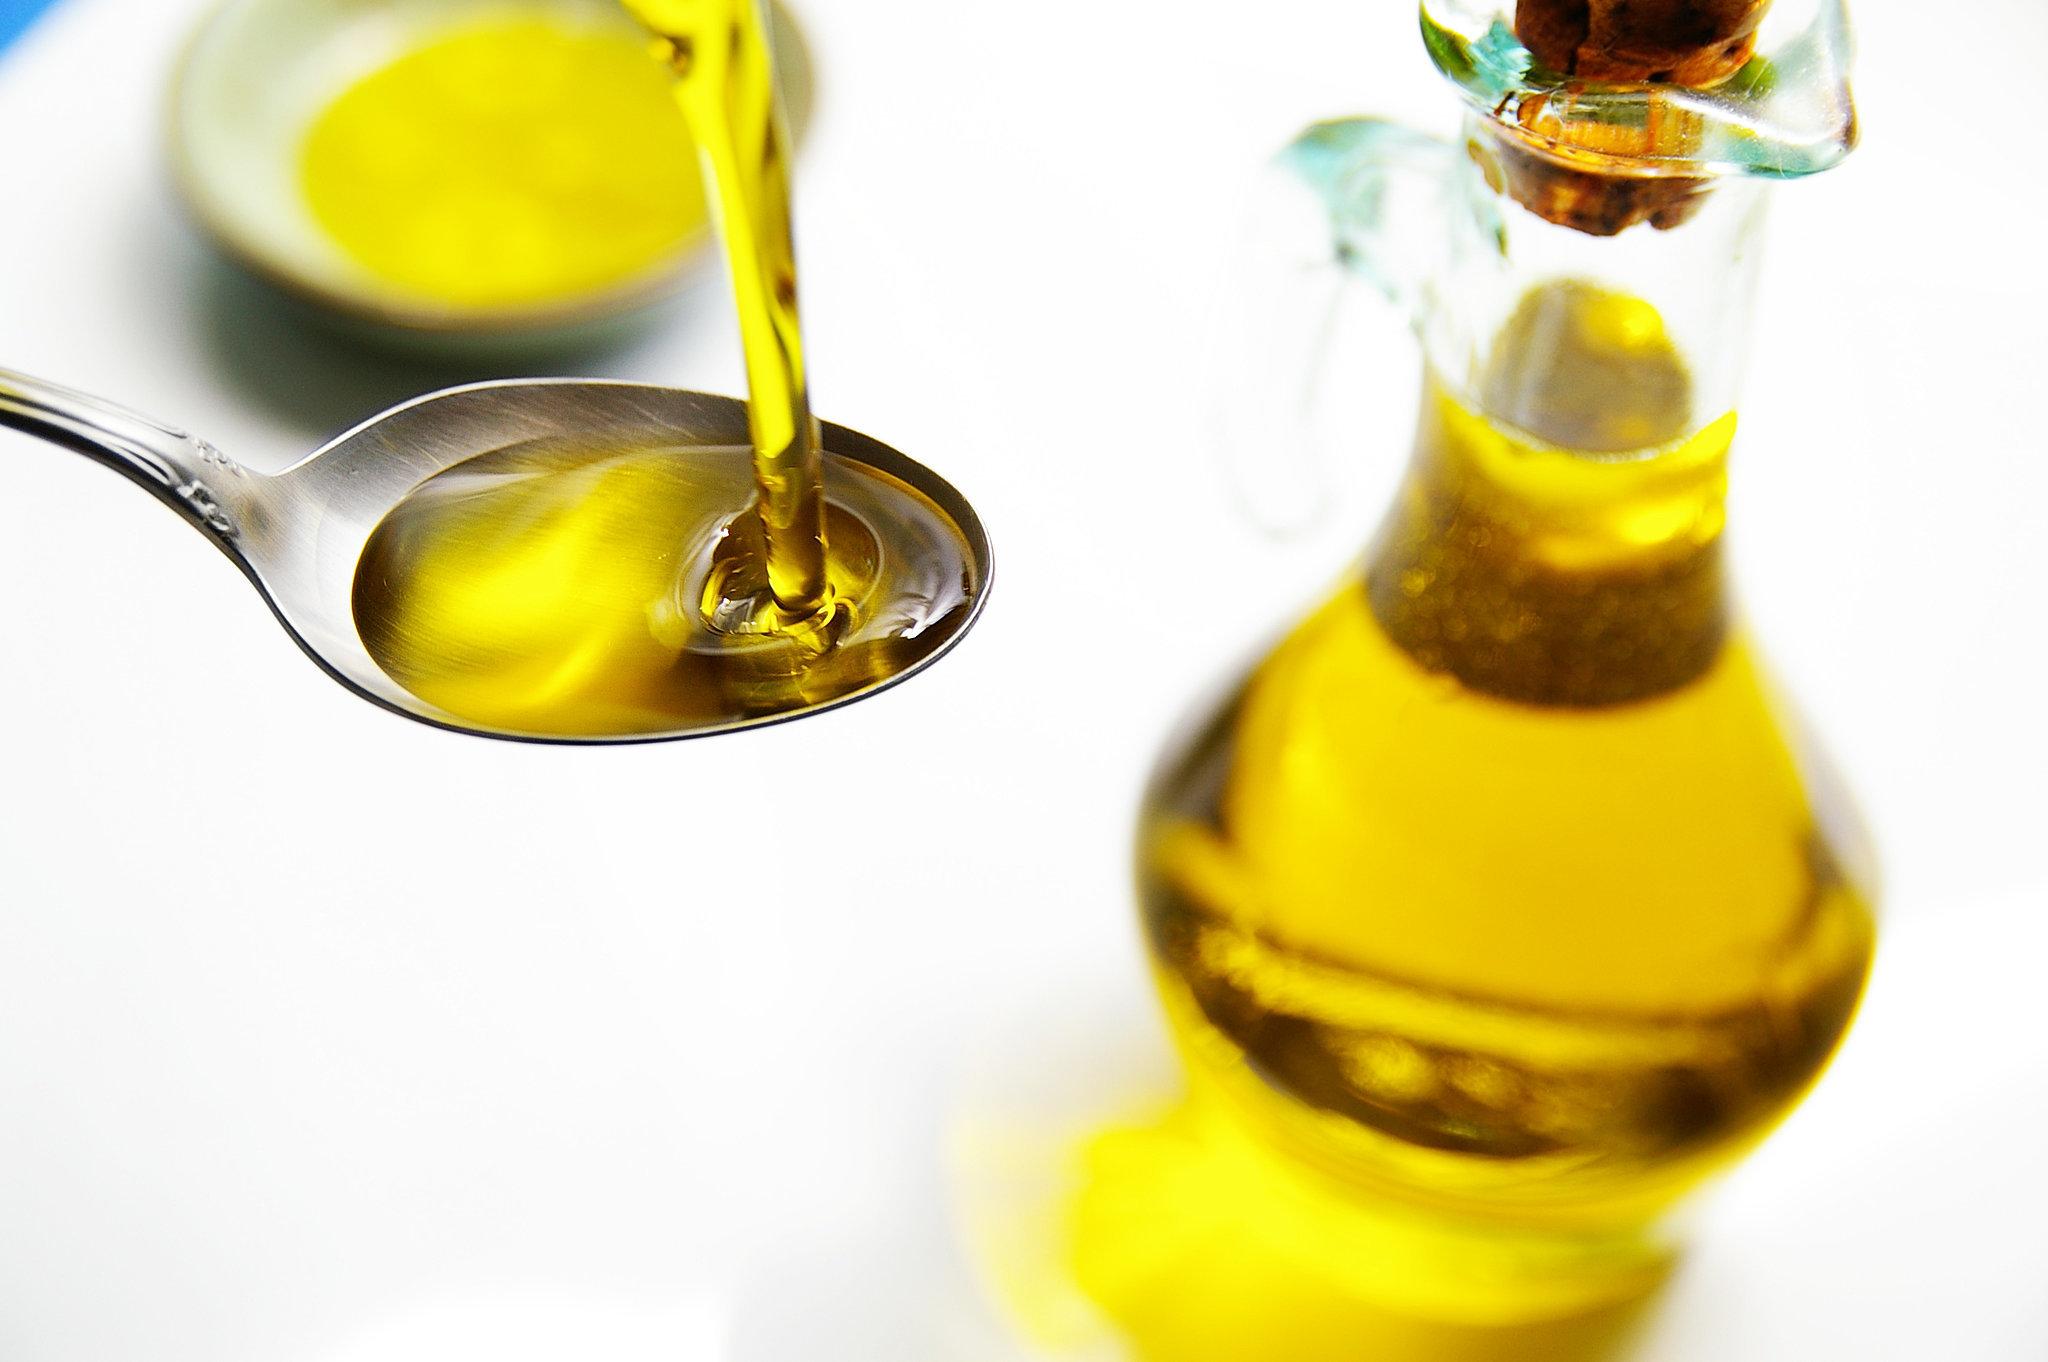 Как сделать лечебное масло в домашних условиях